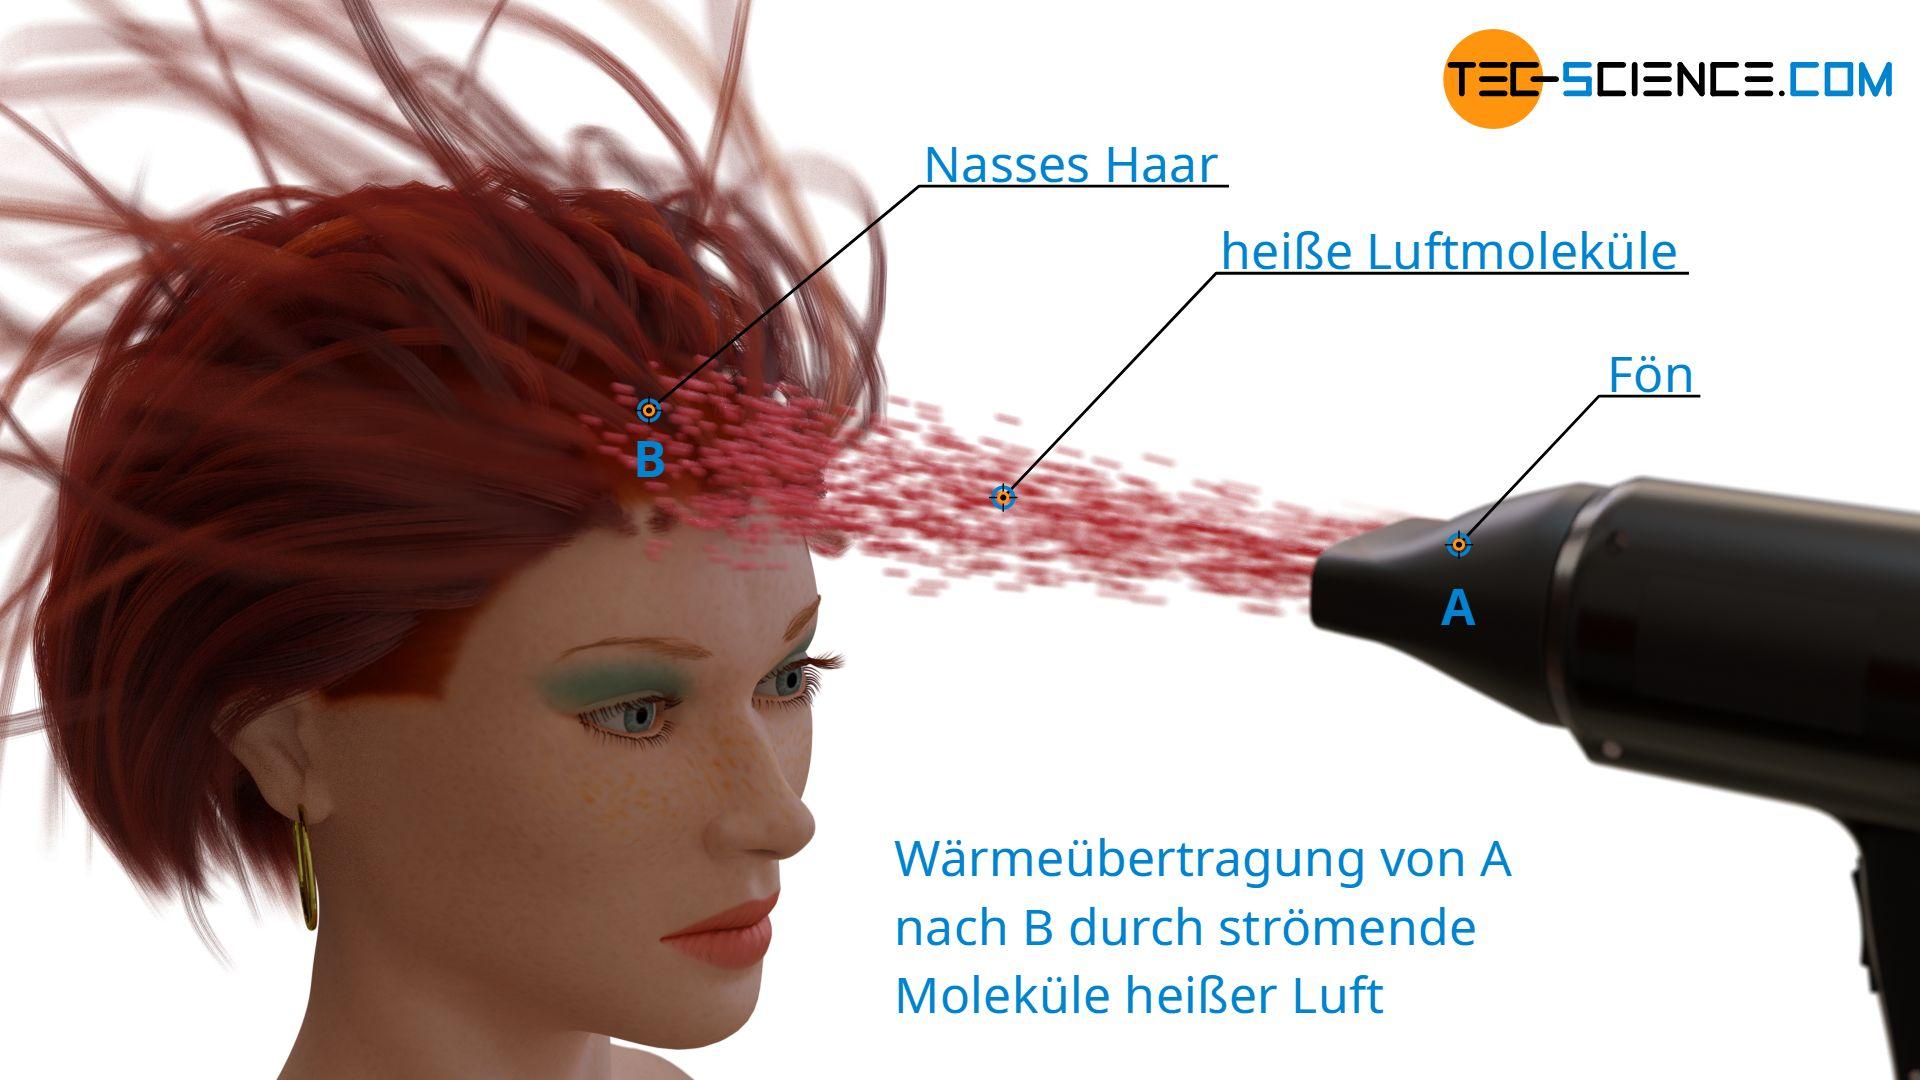 Wärmeübertragung durch Wärmeströmung am Beispiel eines Föns